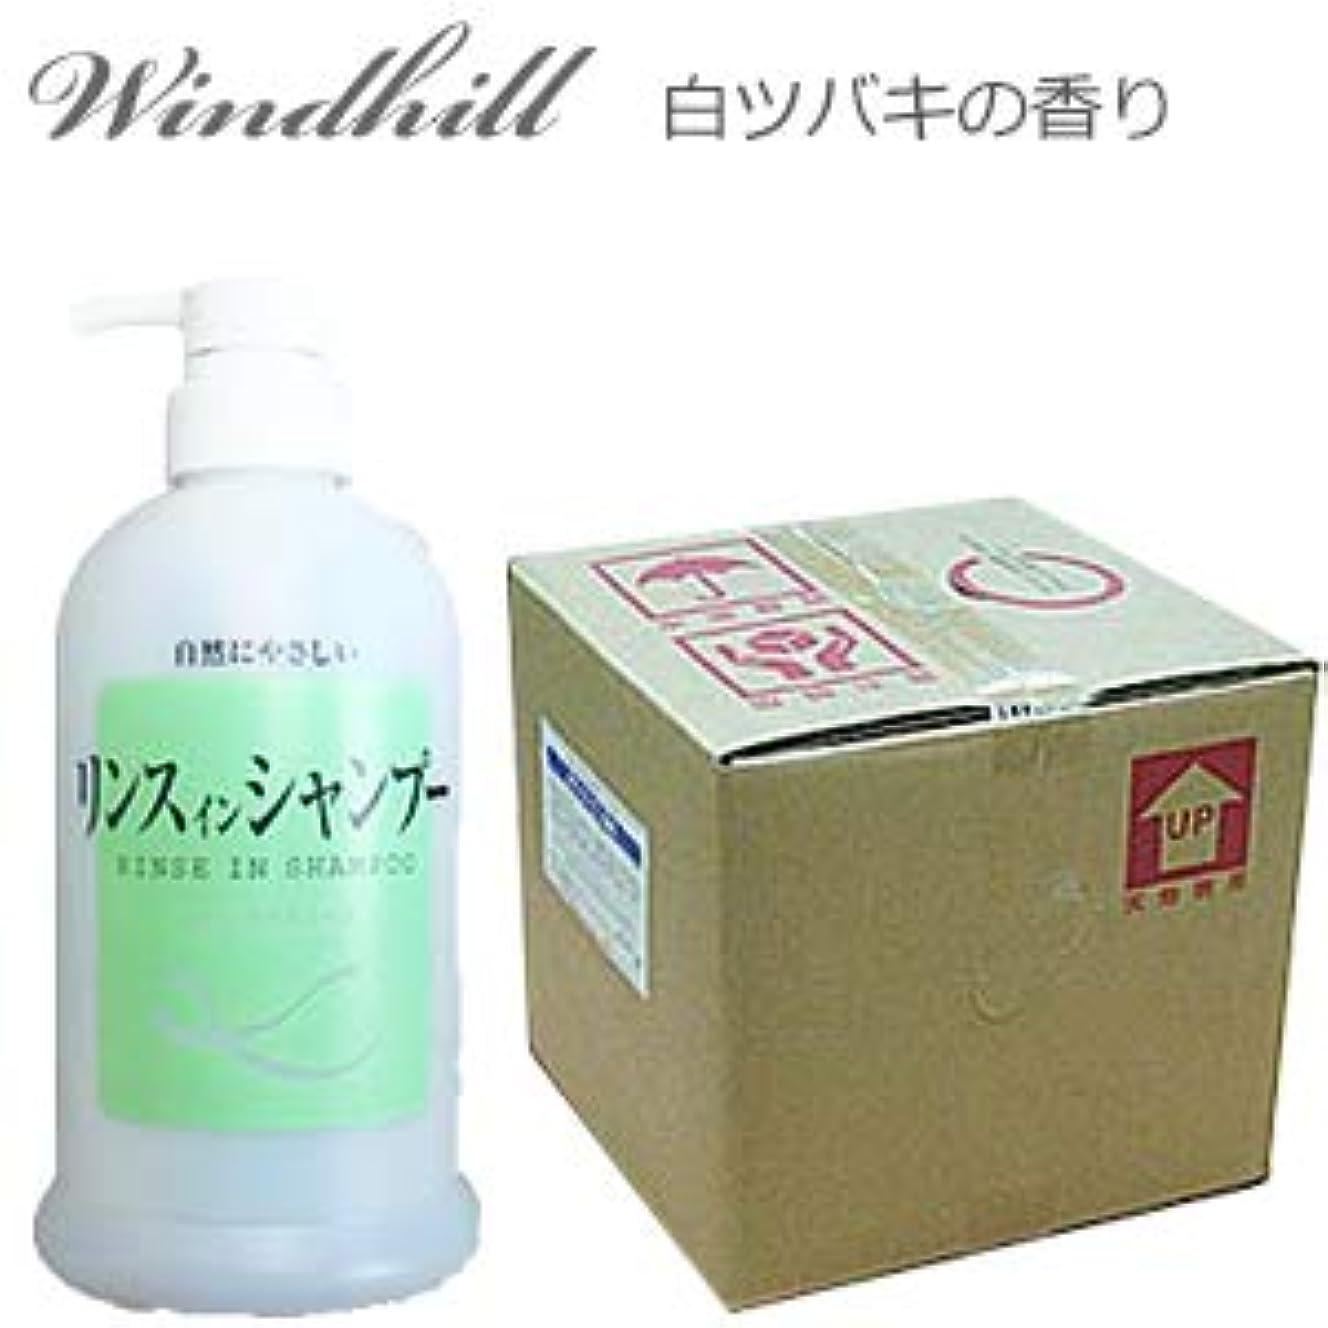 屋内で残酷印象なんと! 500ml当り175円 Windhill 植物性 業務用 リンスインシャンプー 白椿の香り